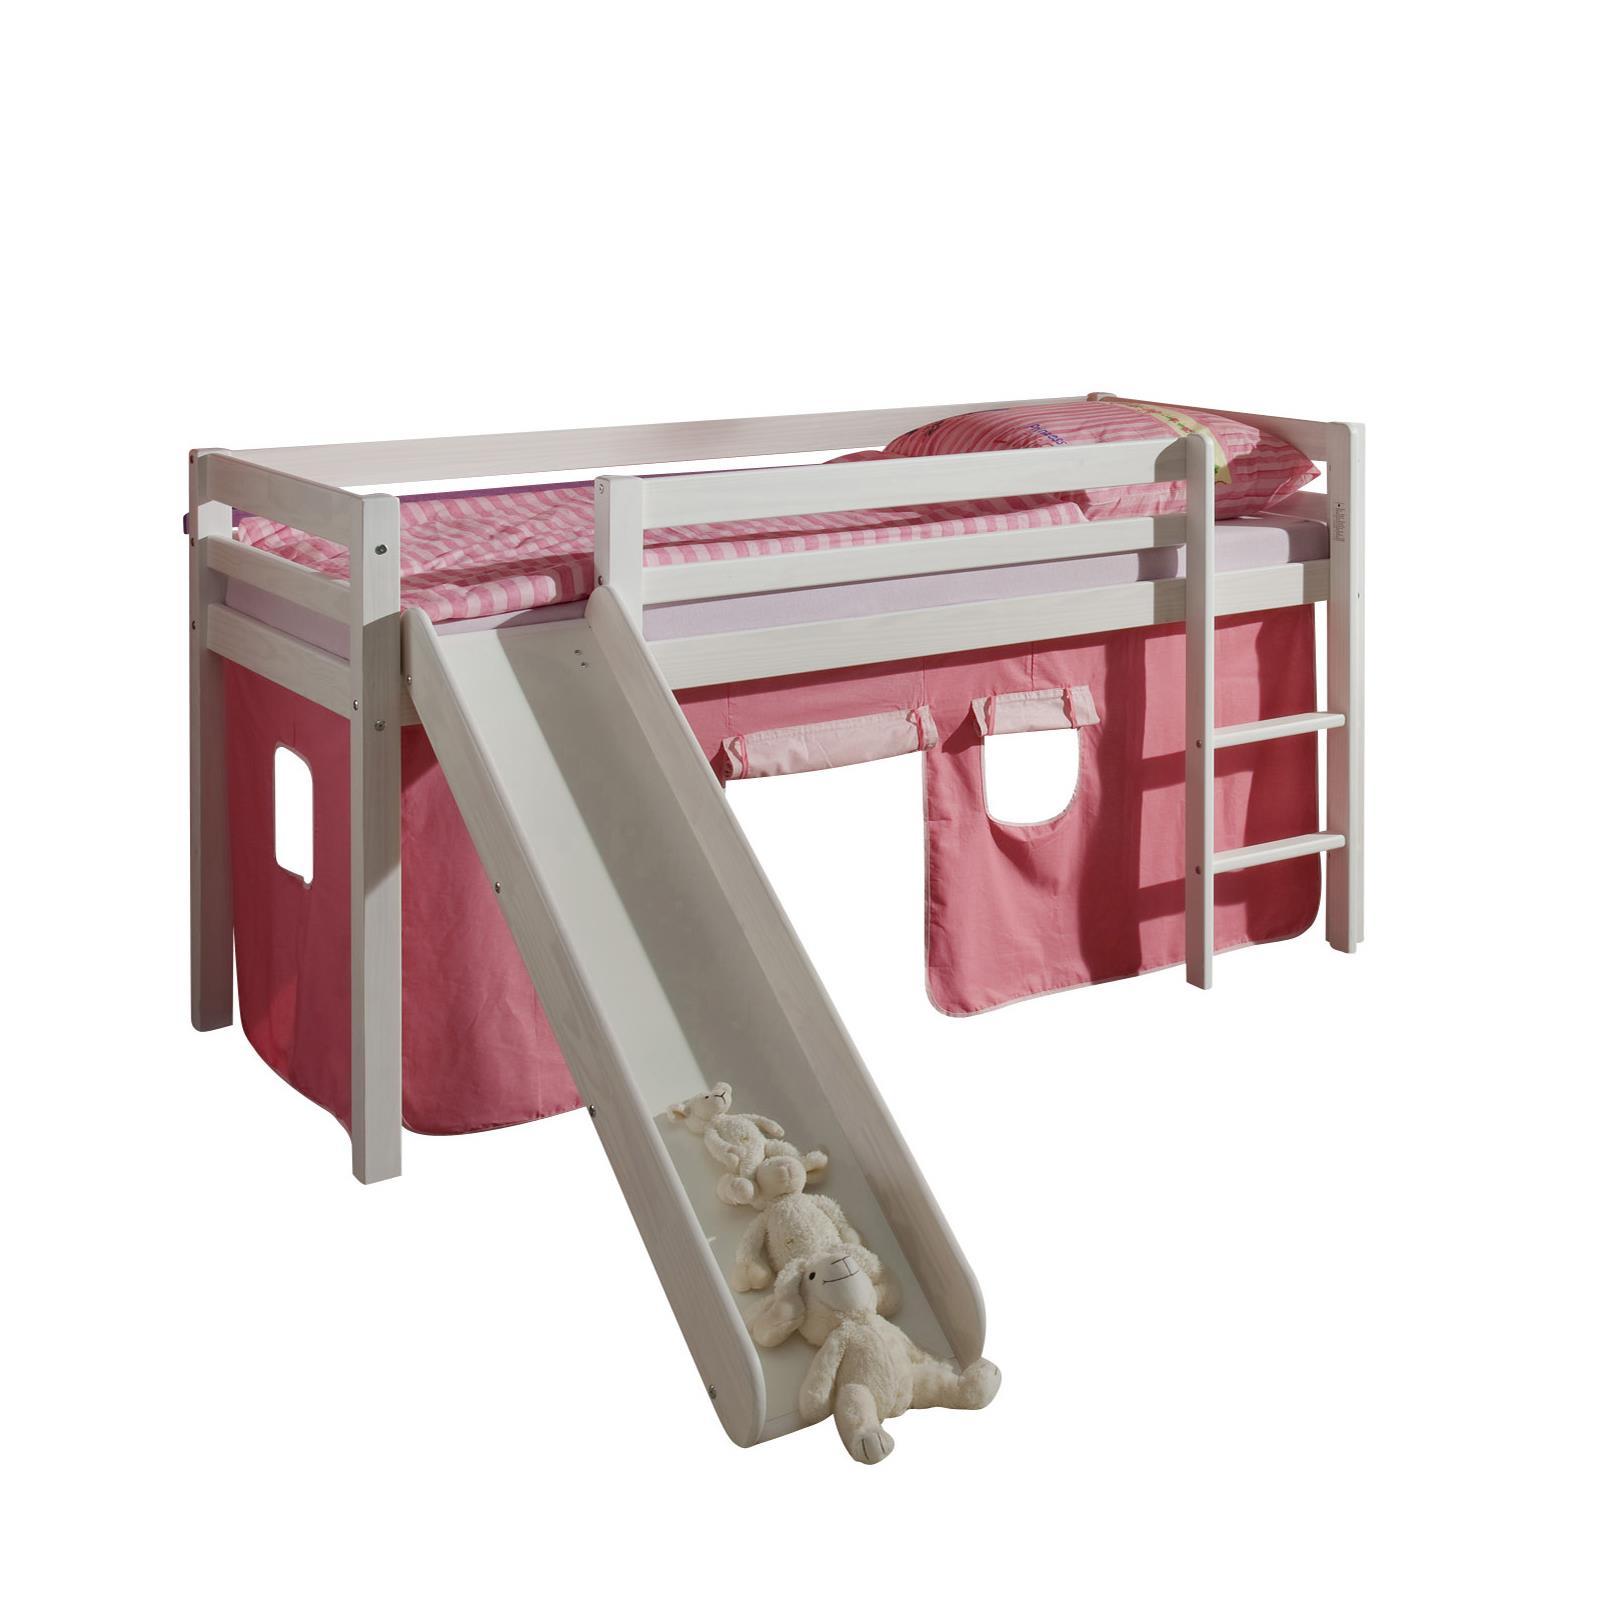 lit sur lev en pin lasur blanc max avec toboggan et rideaux rose mobilia24. Black Bedroom Furniture Sets. Home Design Ideas